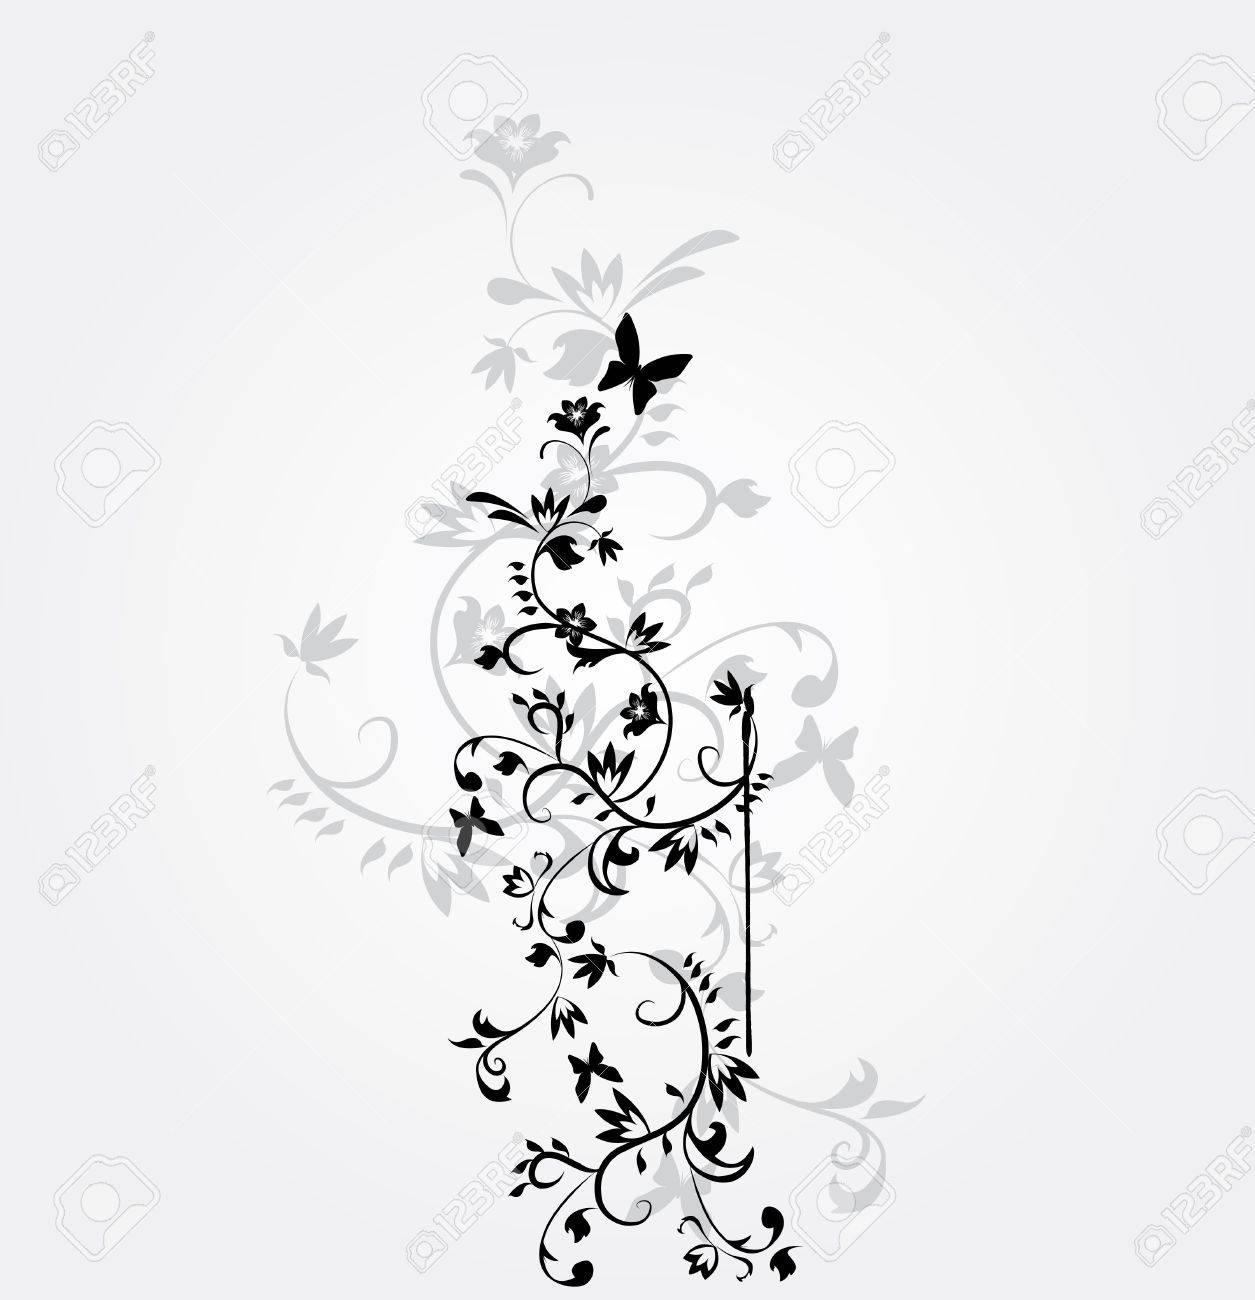 vector flower pattern on white background Stock Vector - 7624369